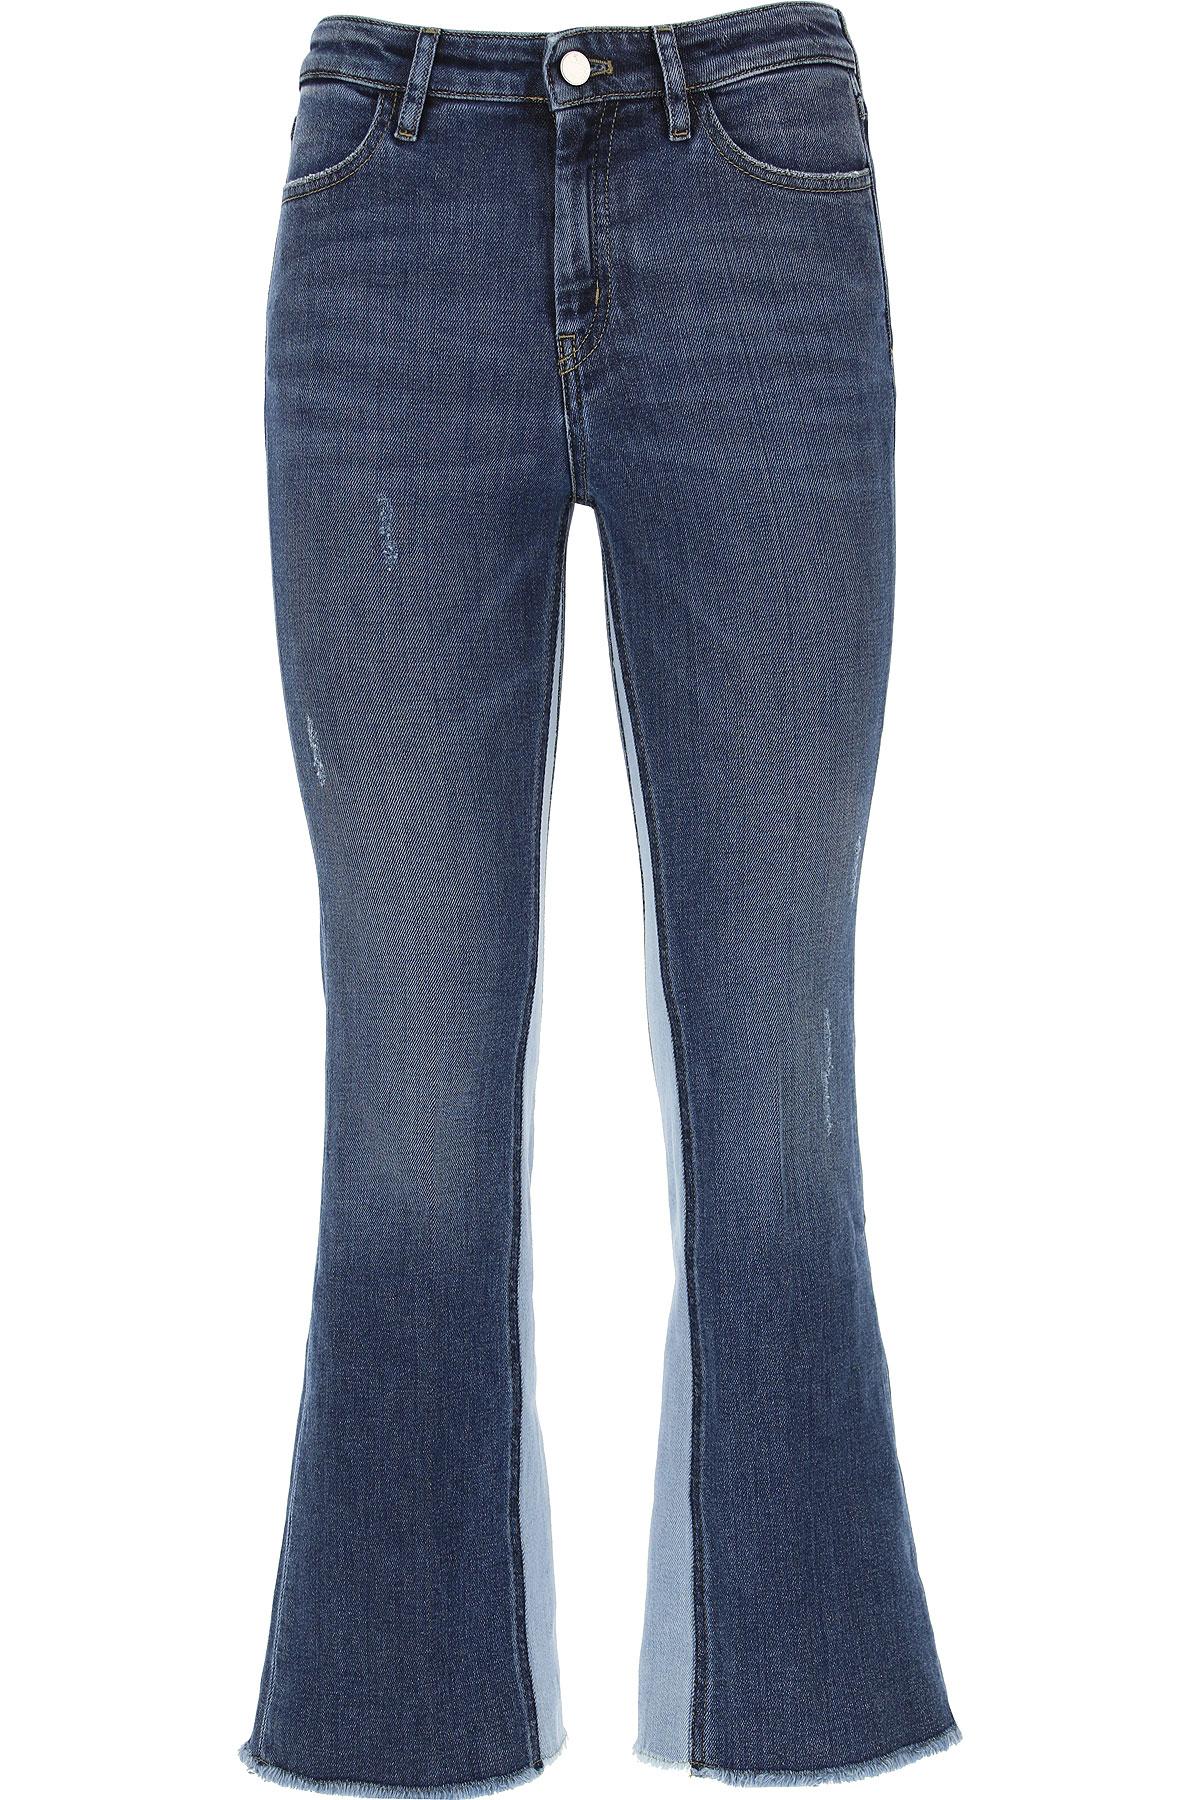 Image of PT05 Jeans, Denim Blue, Cotton, 2017, 24 26 27 28 29 30